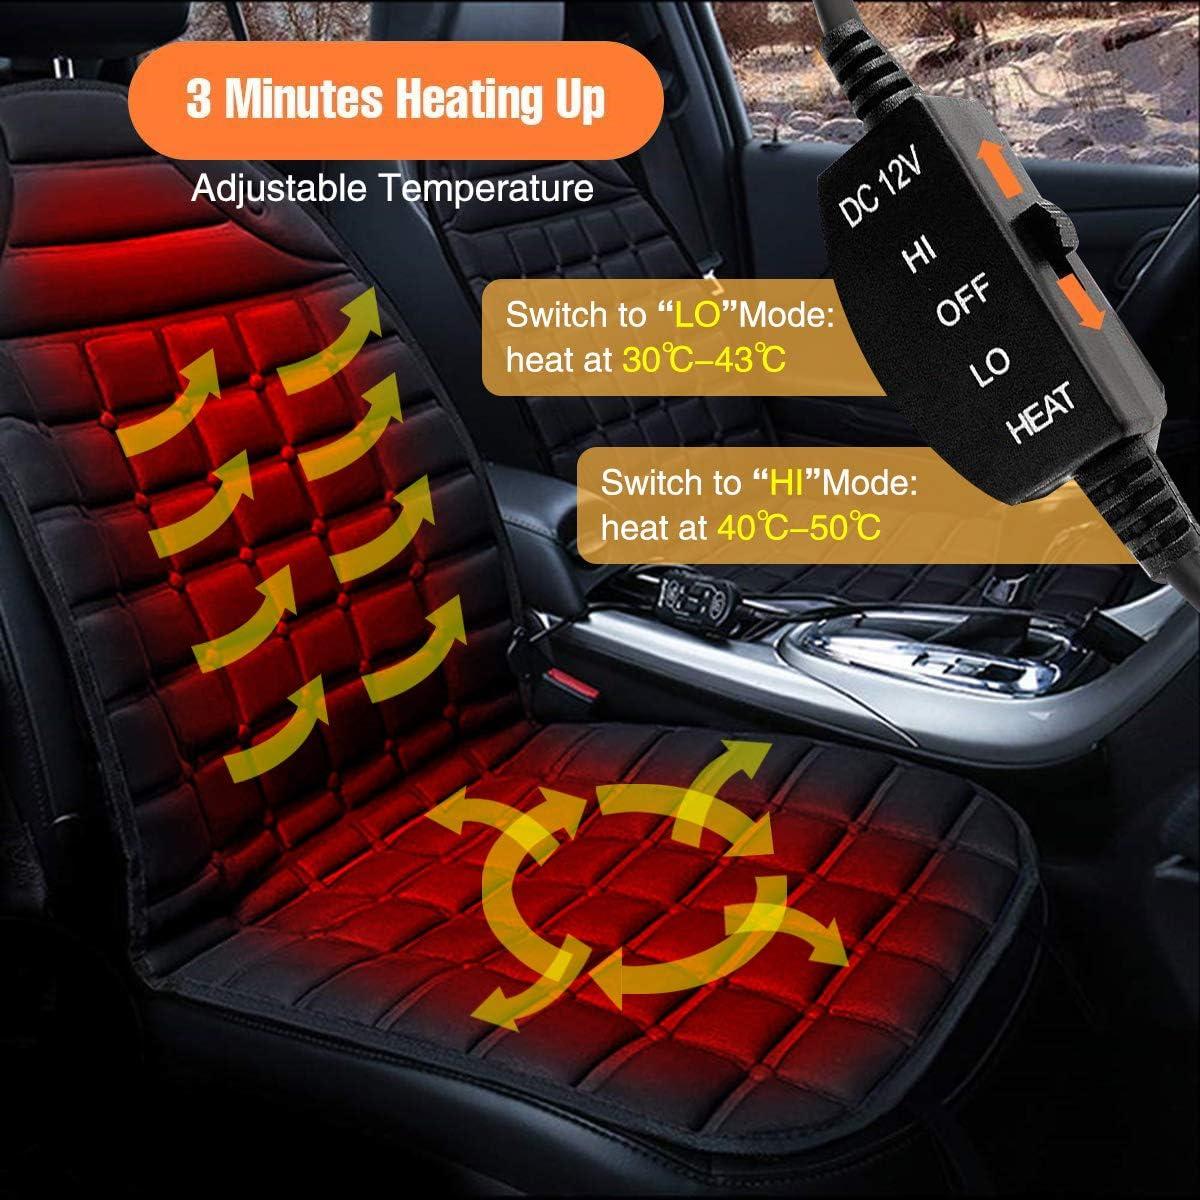 Blu Jcsdhly 12V Auto Coprisedile riscaldato Ispessimento Caldo Caldo Cuscino tampone per Tempo Freddo Inverno Autista sede Ufficio Sedia